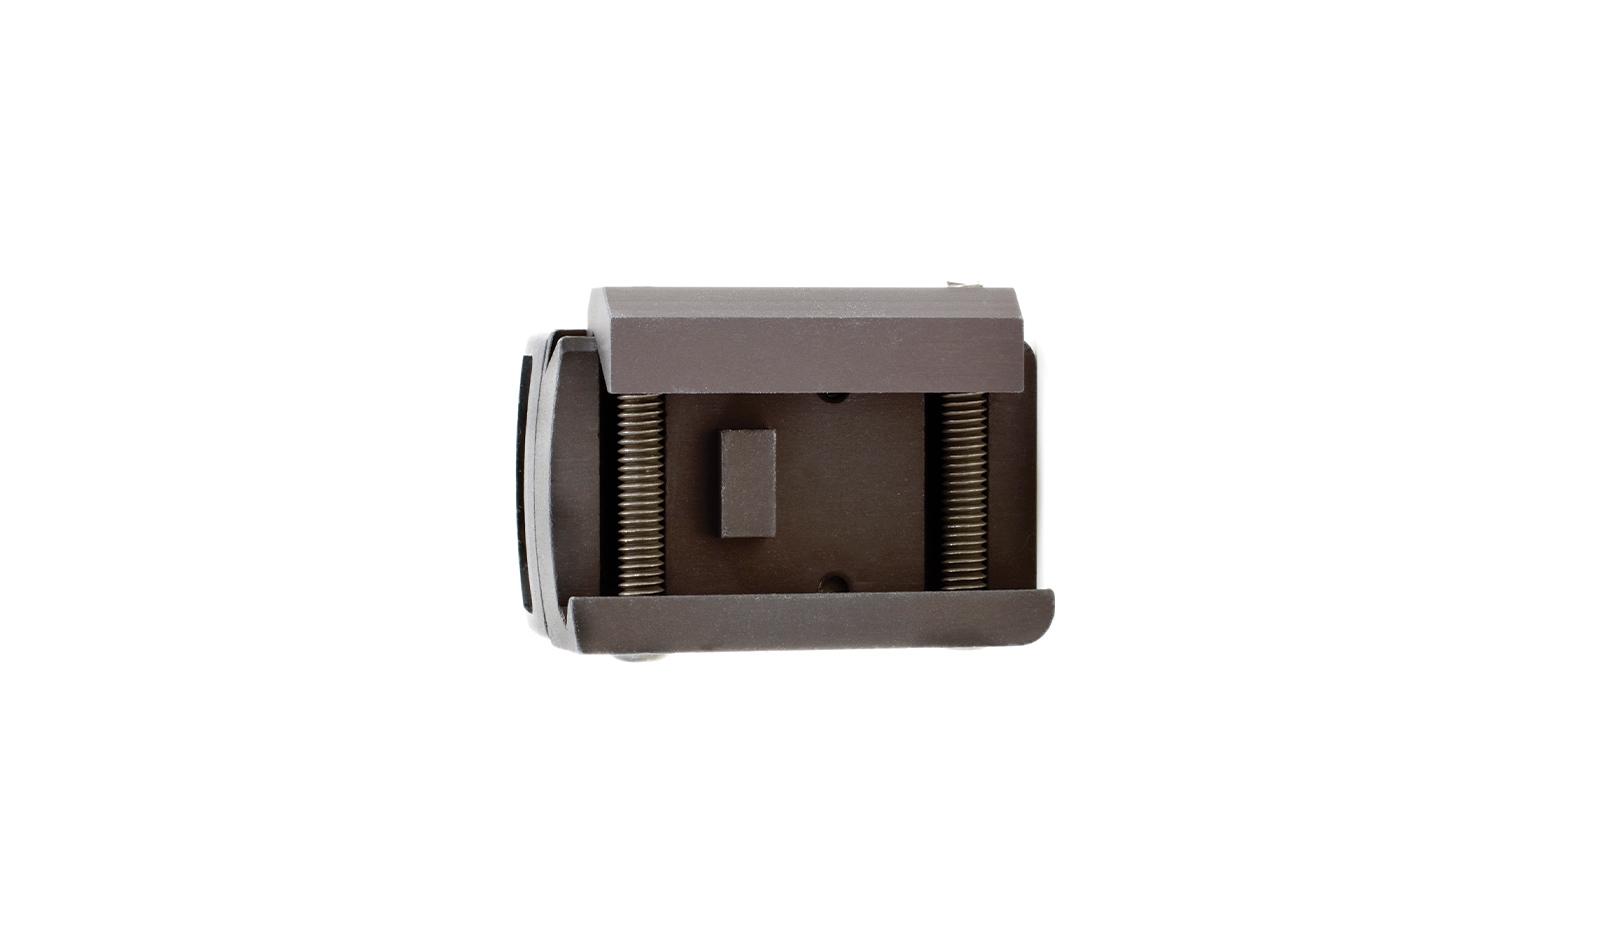 RM05G-33 angle 5